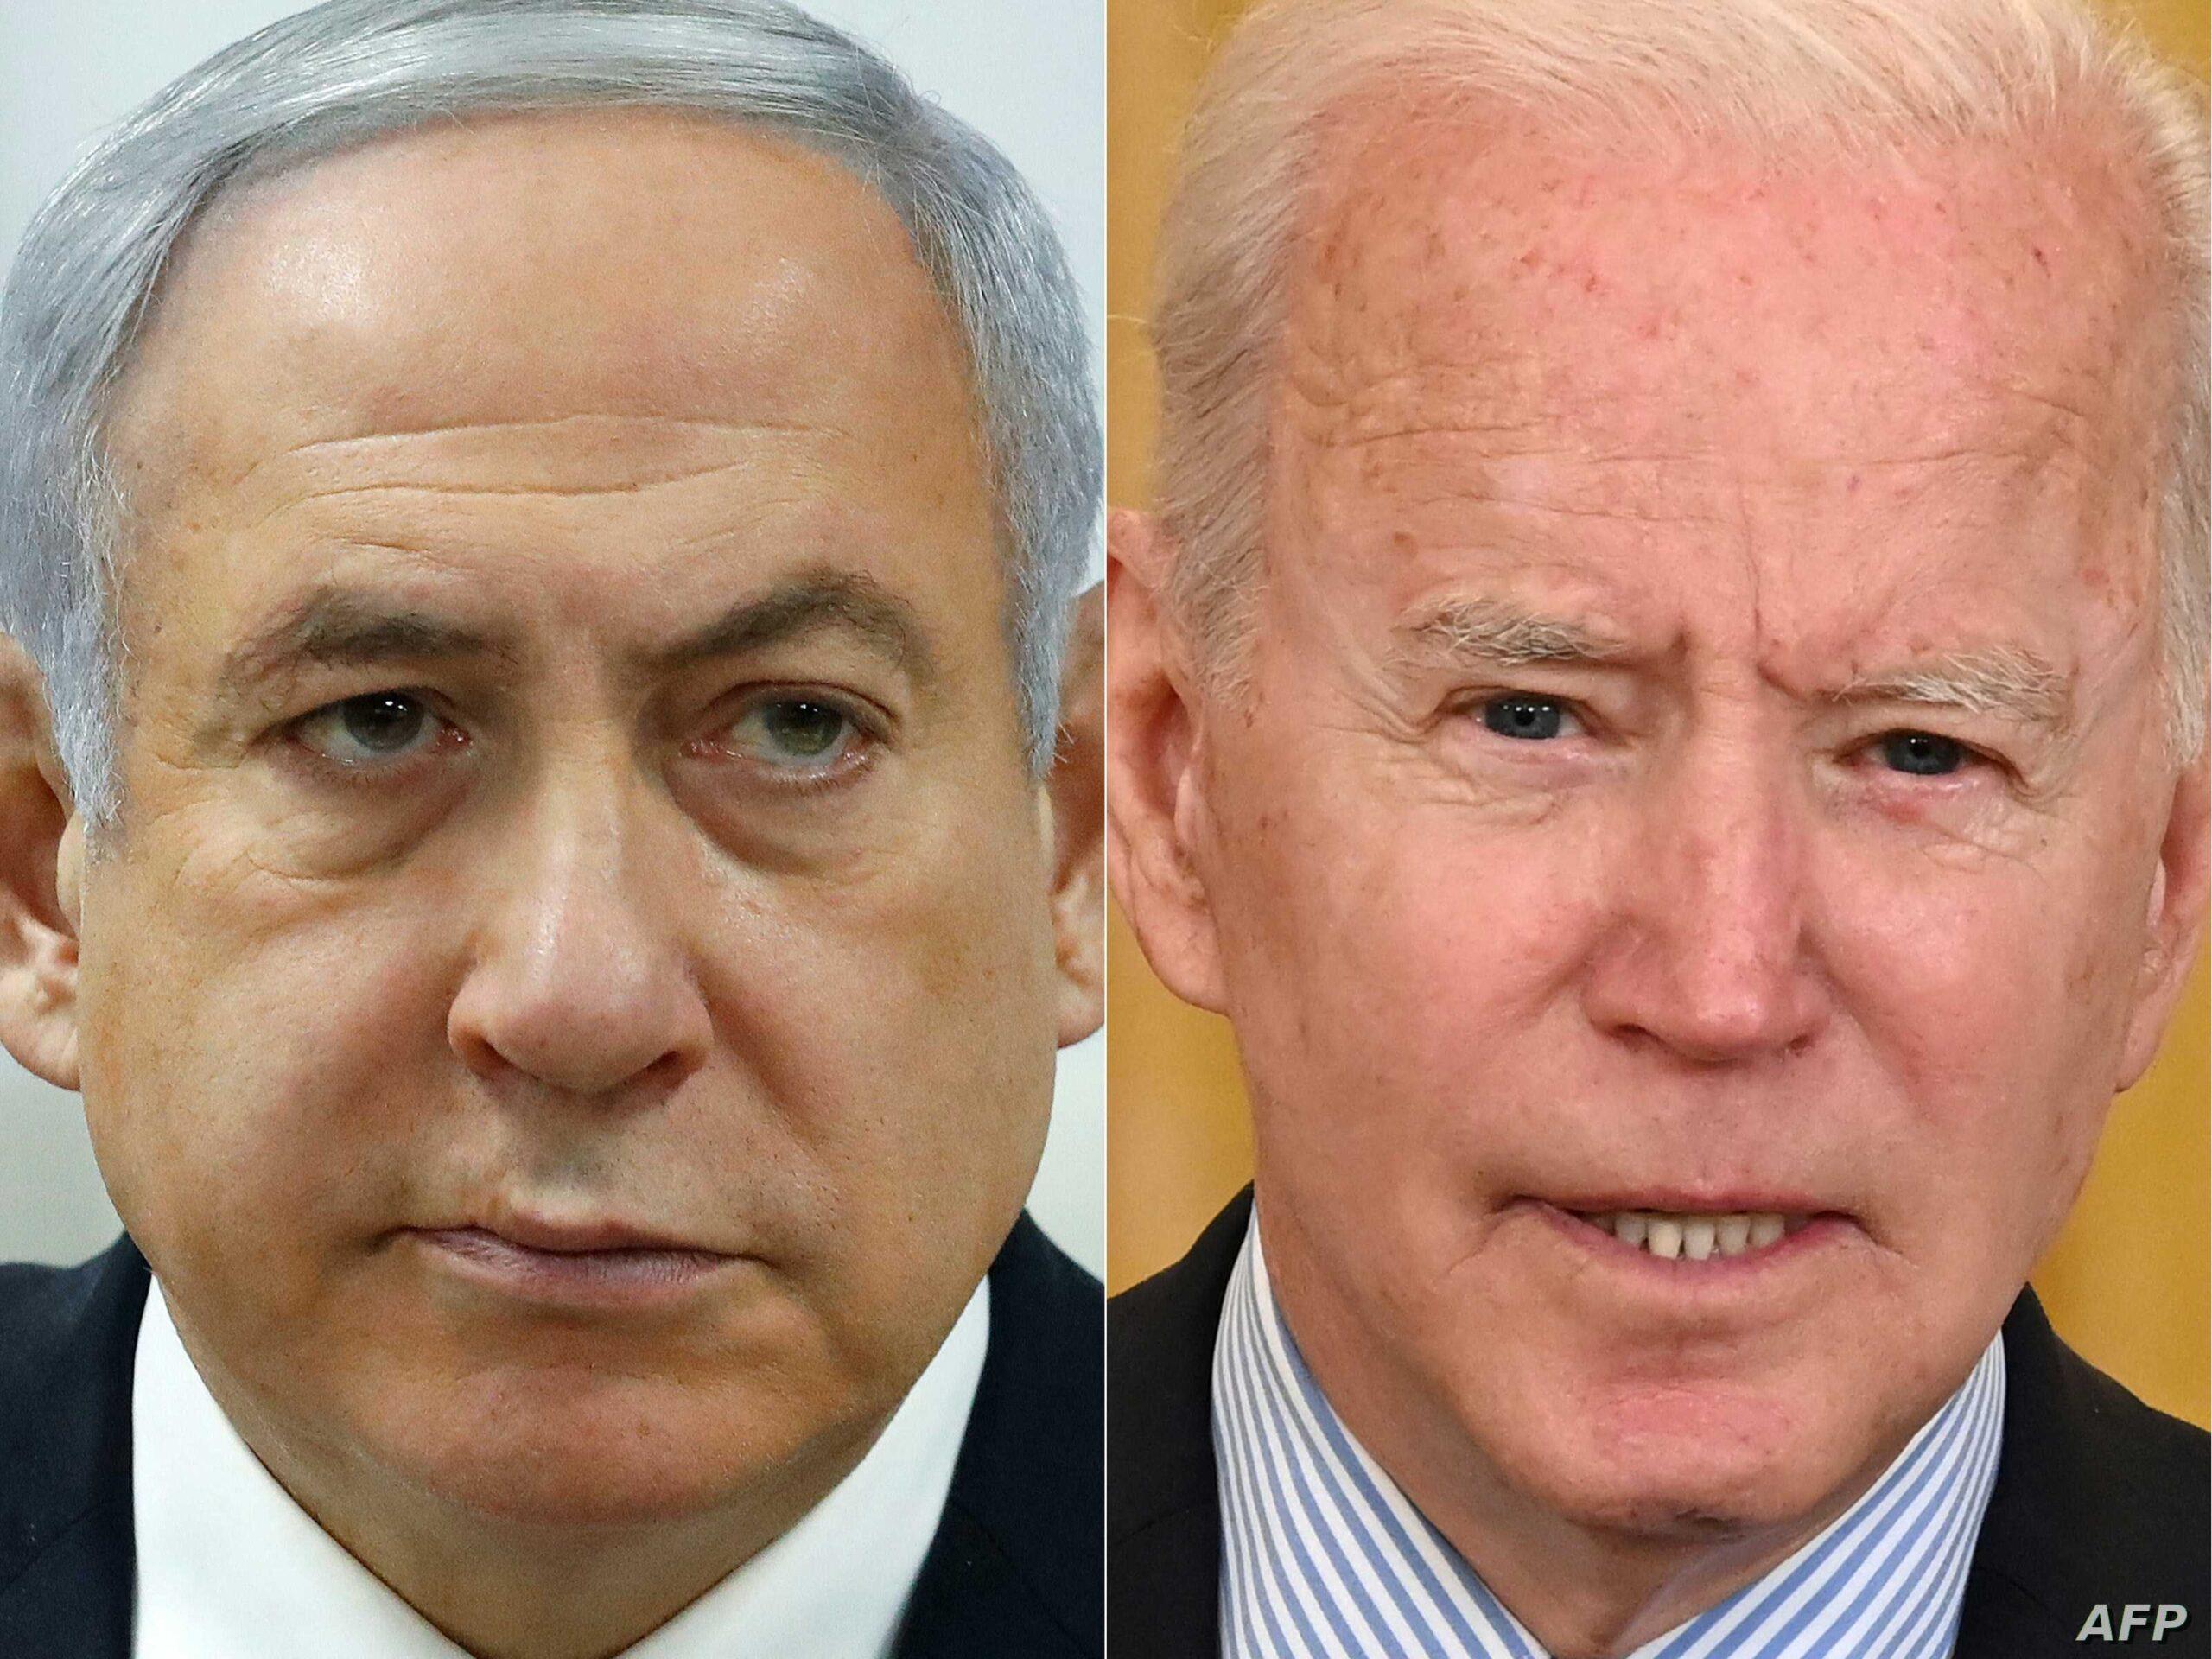 سيادة الرئيس بايدن الإرهاب الإسرائيلي أولى بالإدانة